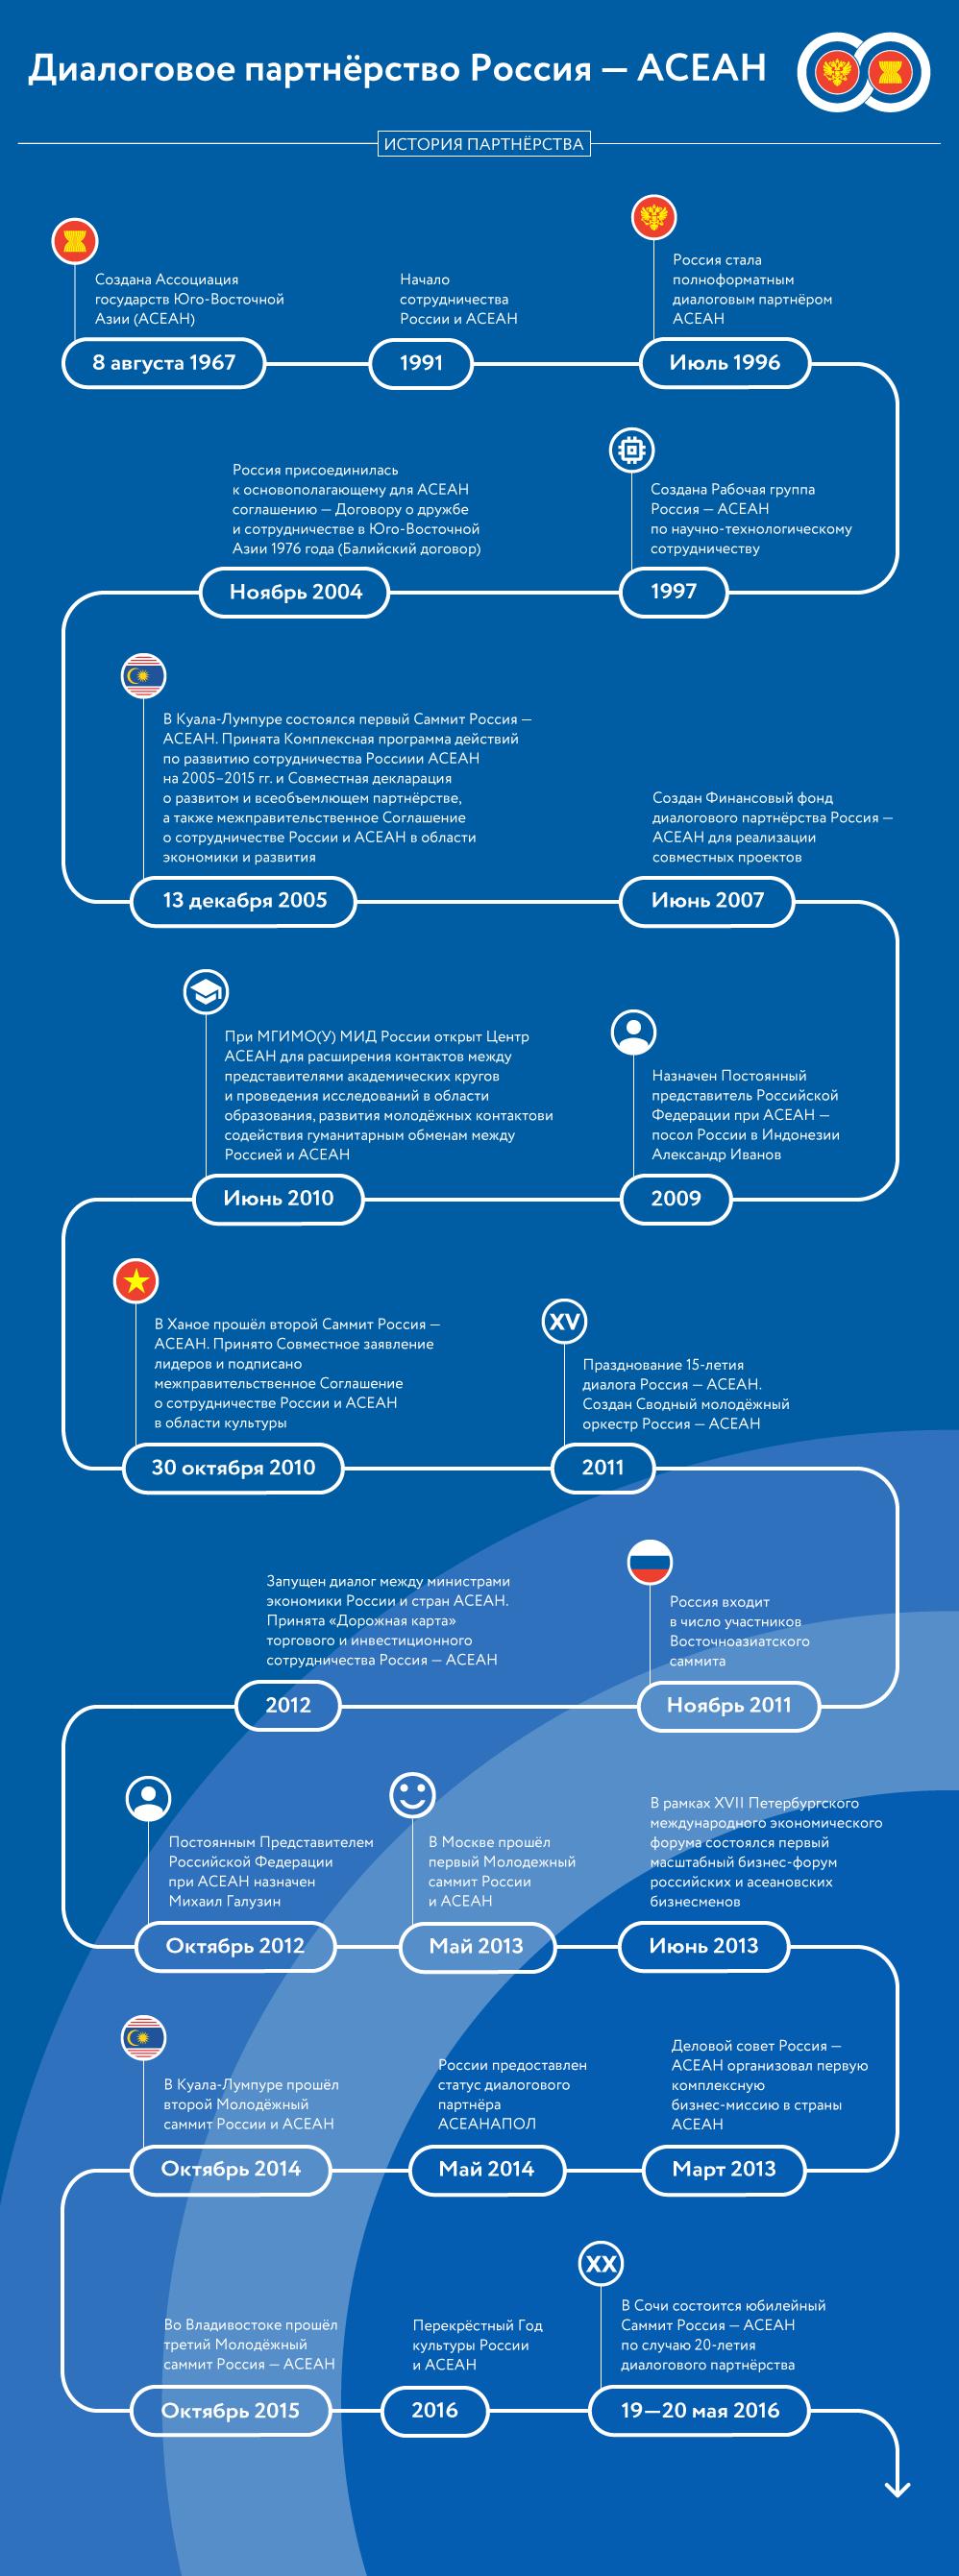 Диалоговое партнёрство Россия — АСЕАН